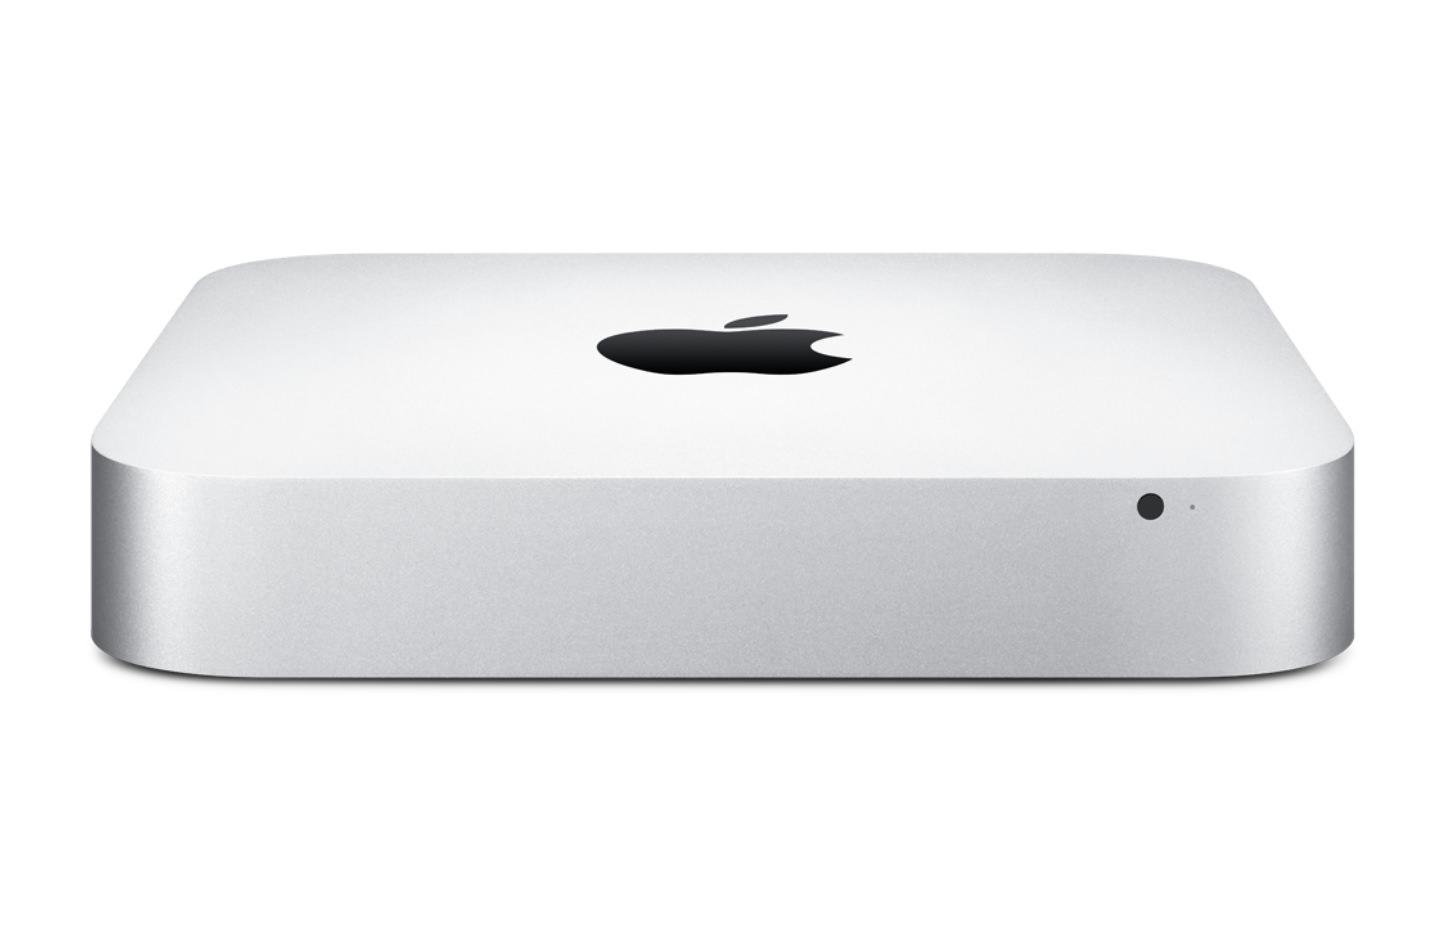 Mac-mini-Main-Image.jpg